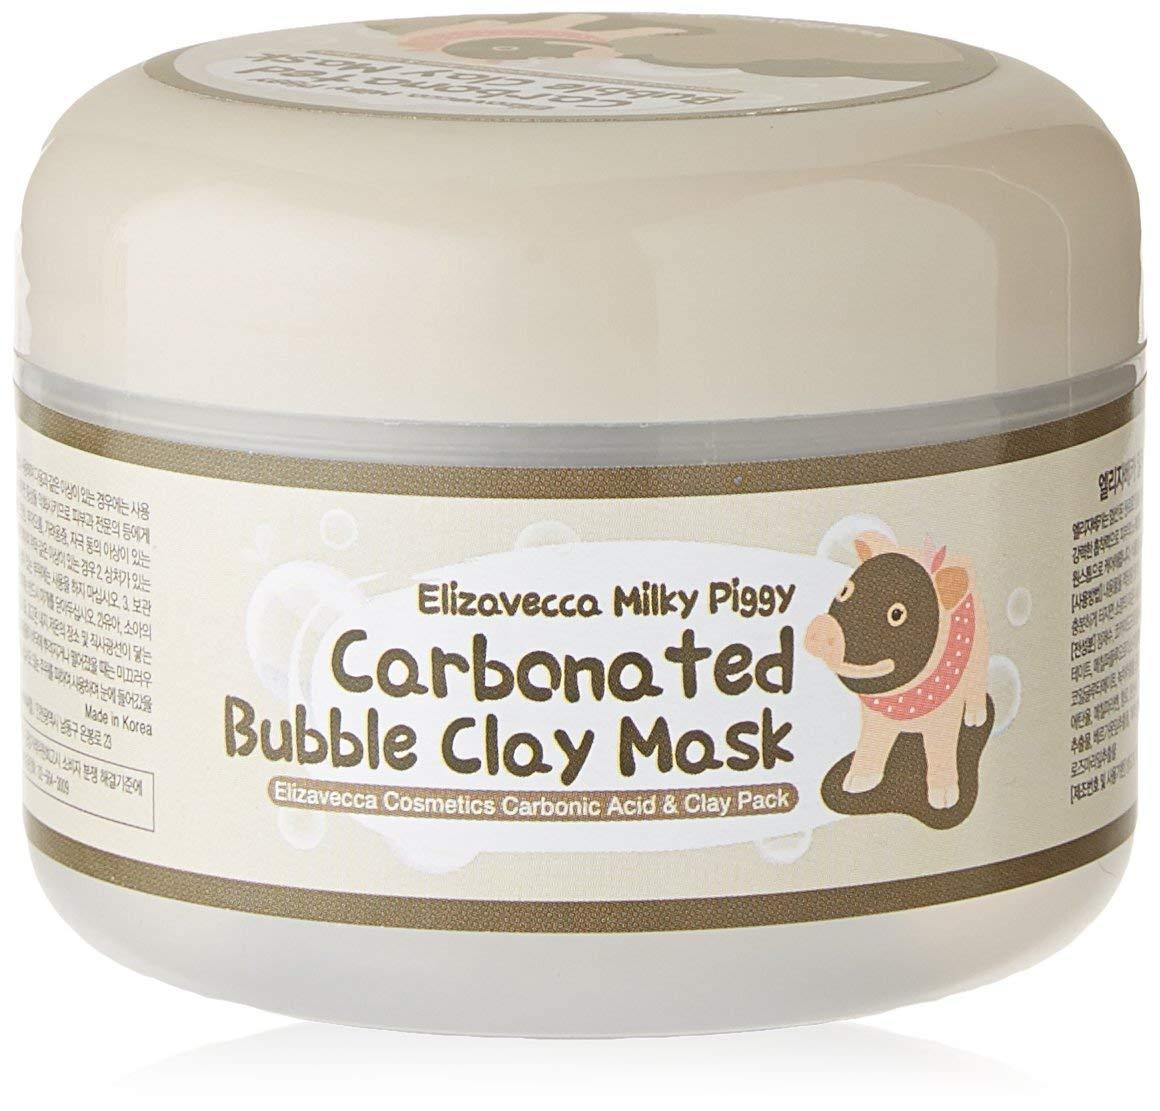 Elizavecca Milky Piggy Carbonated Bubble Clay Mask Beauty Secret Key Nature Recipe Pack Tea Tree 20g 3pcs